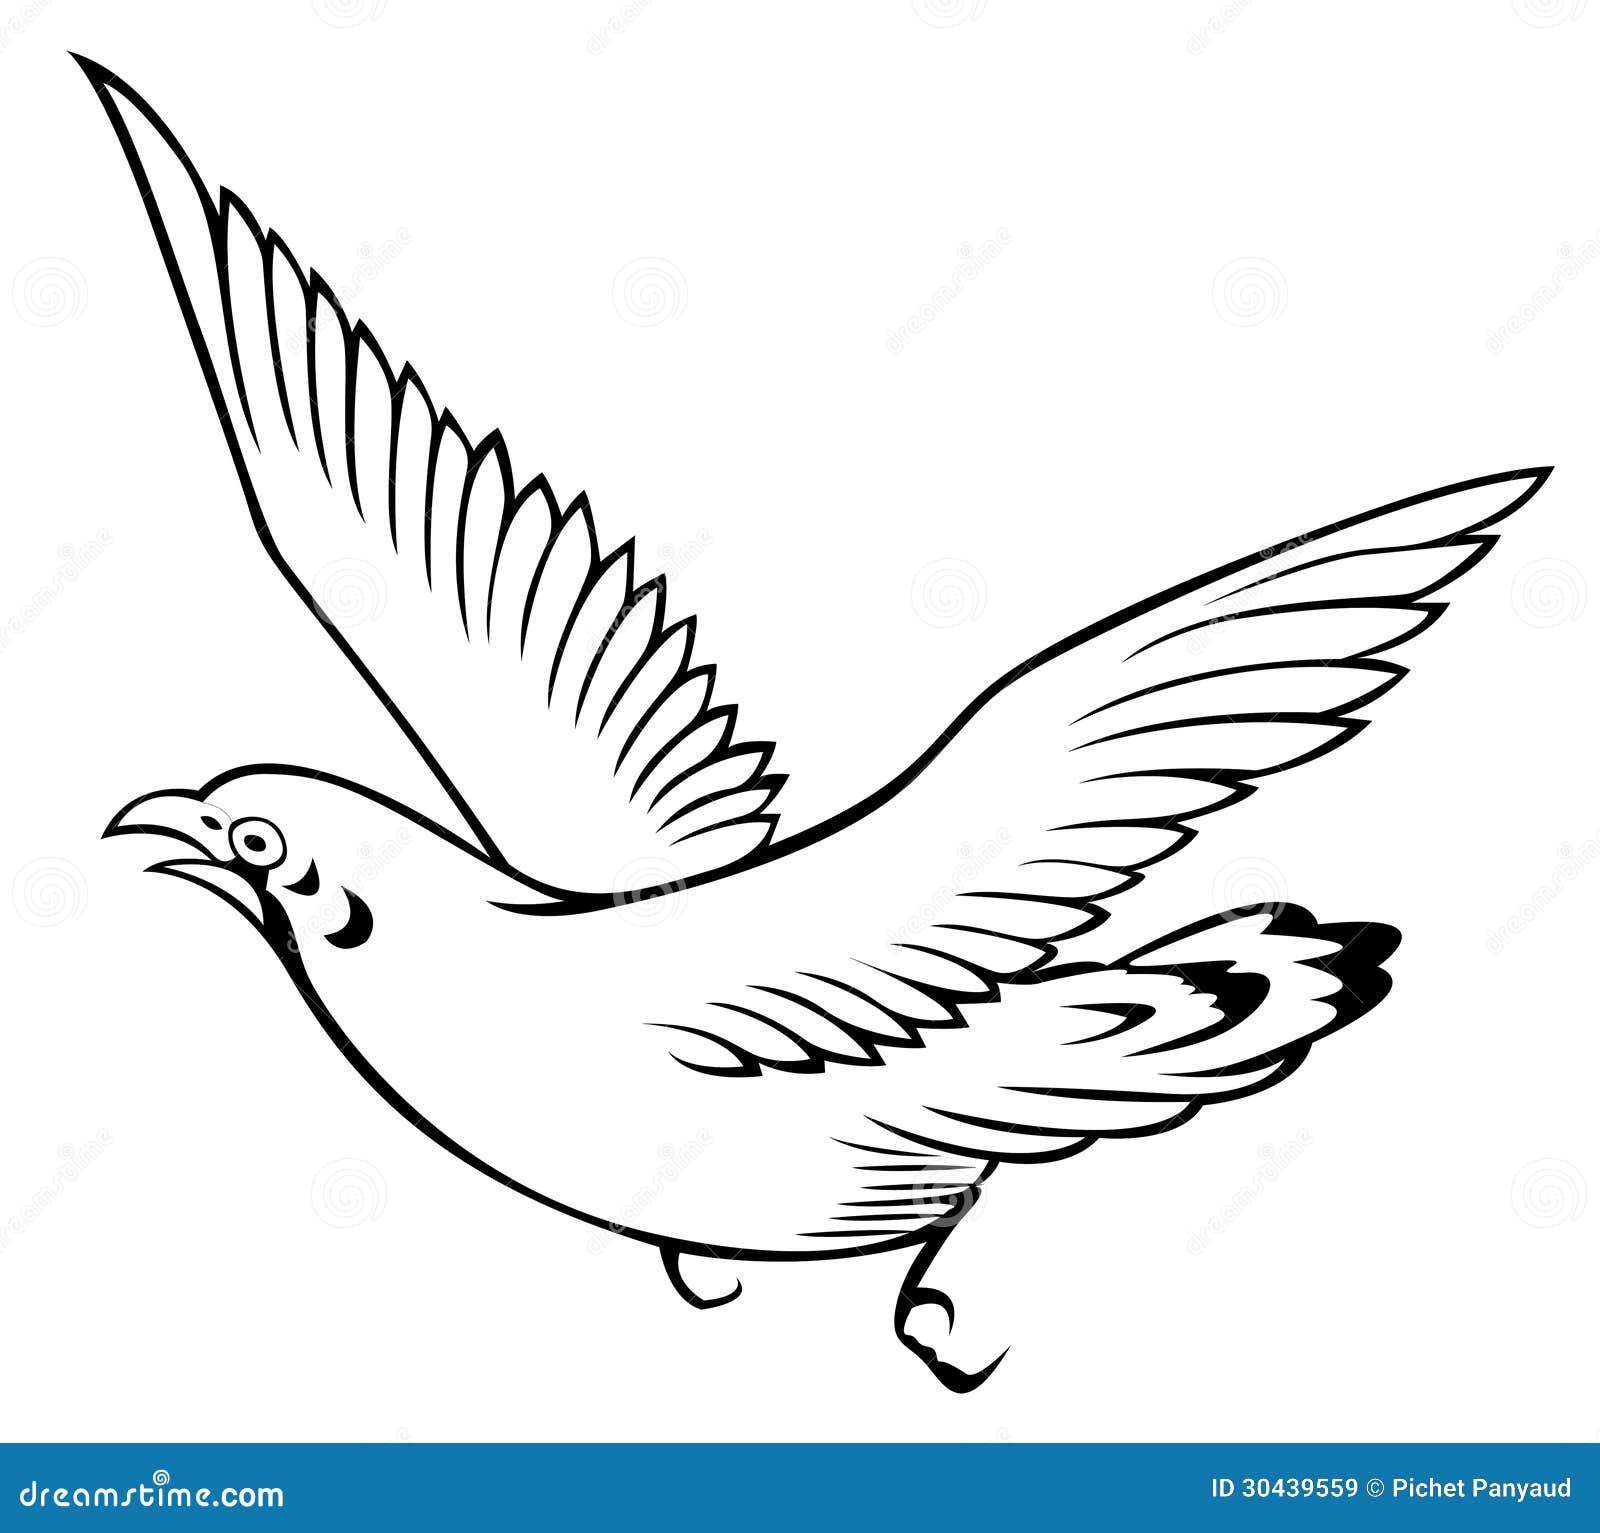 Famoso Pájaro Para Colorear Molde - Ideas Para Colorear ...